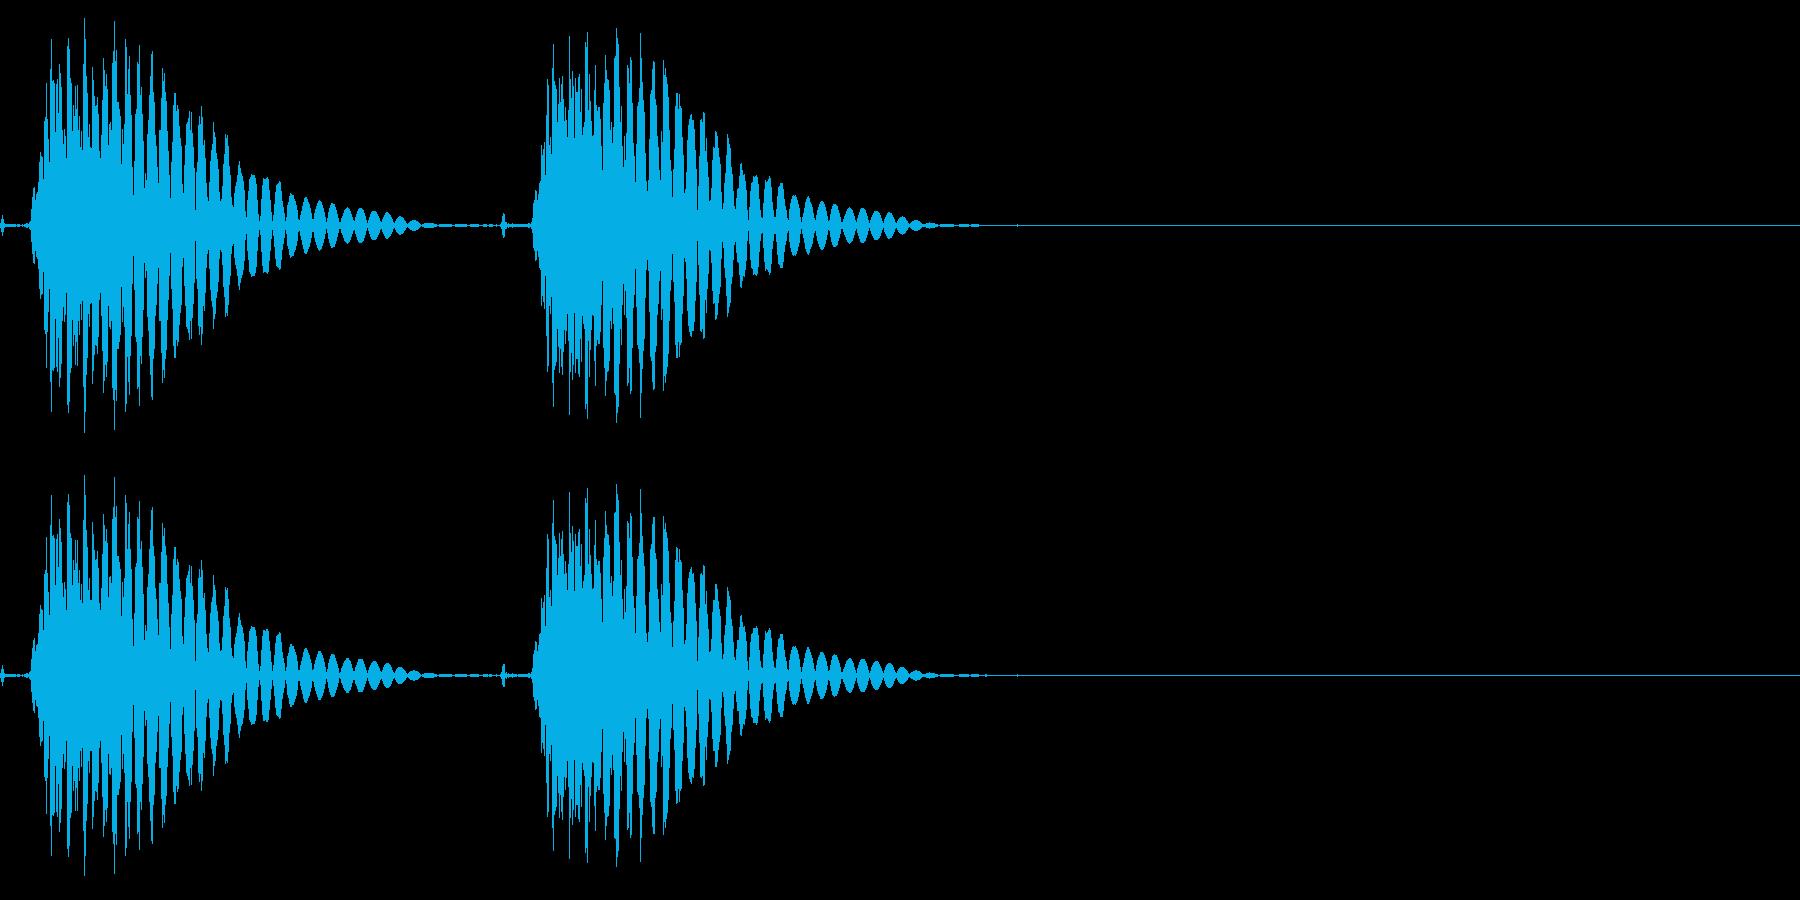 サイレンシングシングルガンショット、X3の再生済みの波形